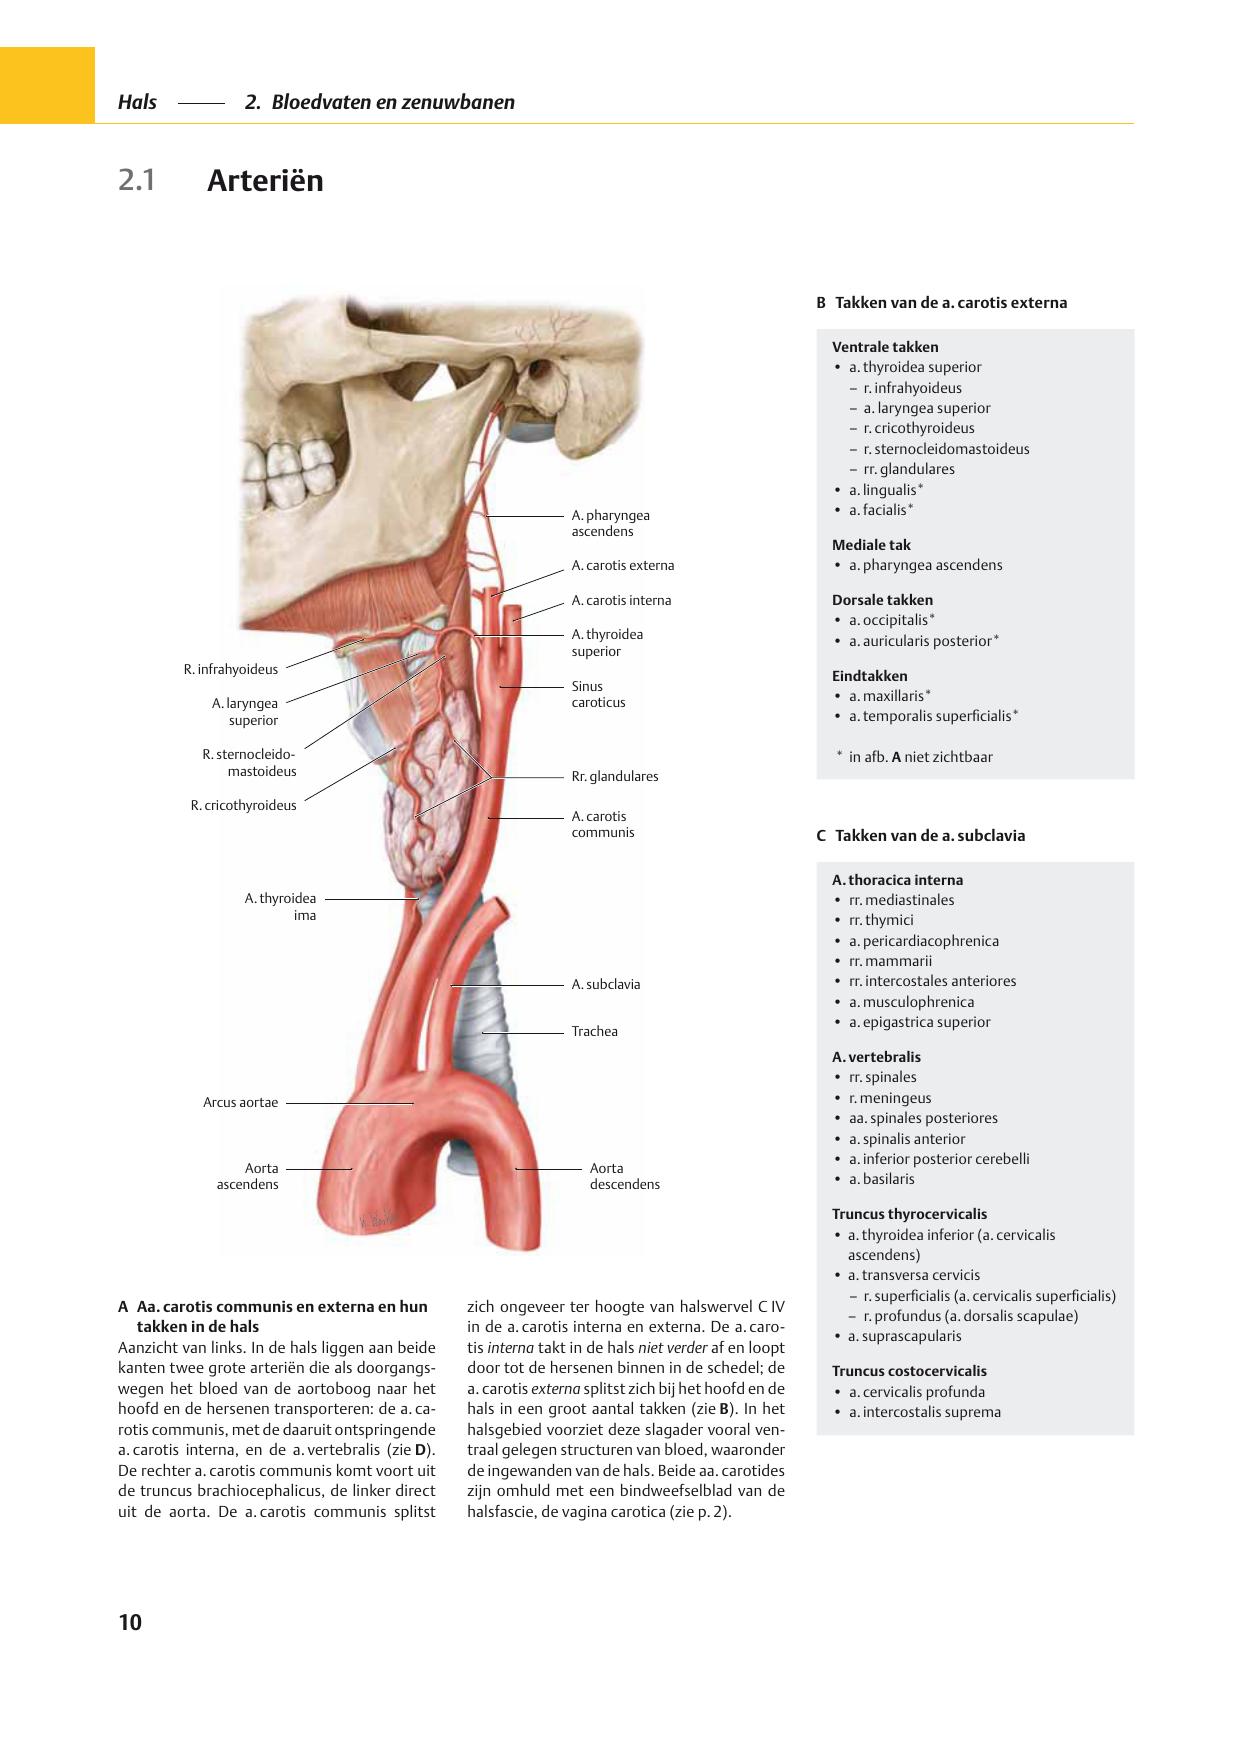 Arteriën